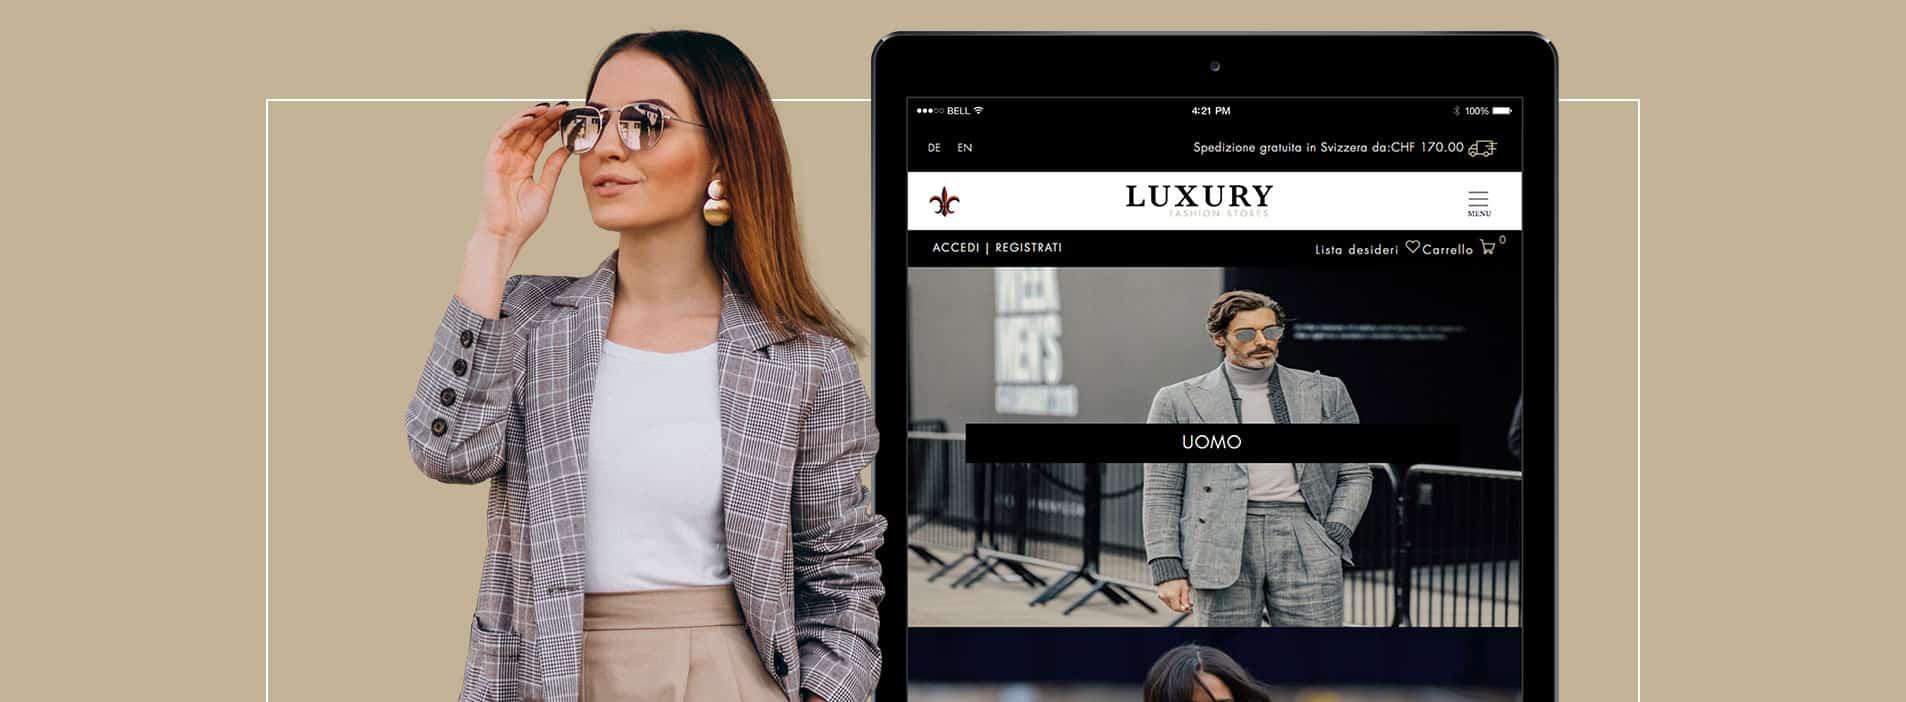 Luxury Fashion Stores e-commerce Ticino